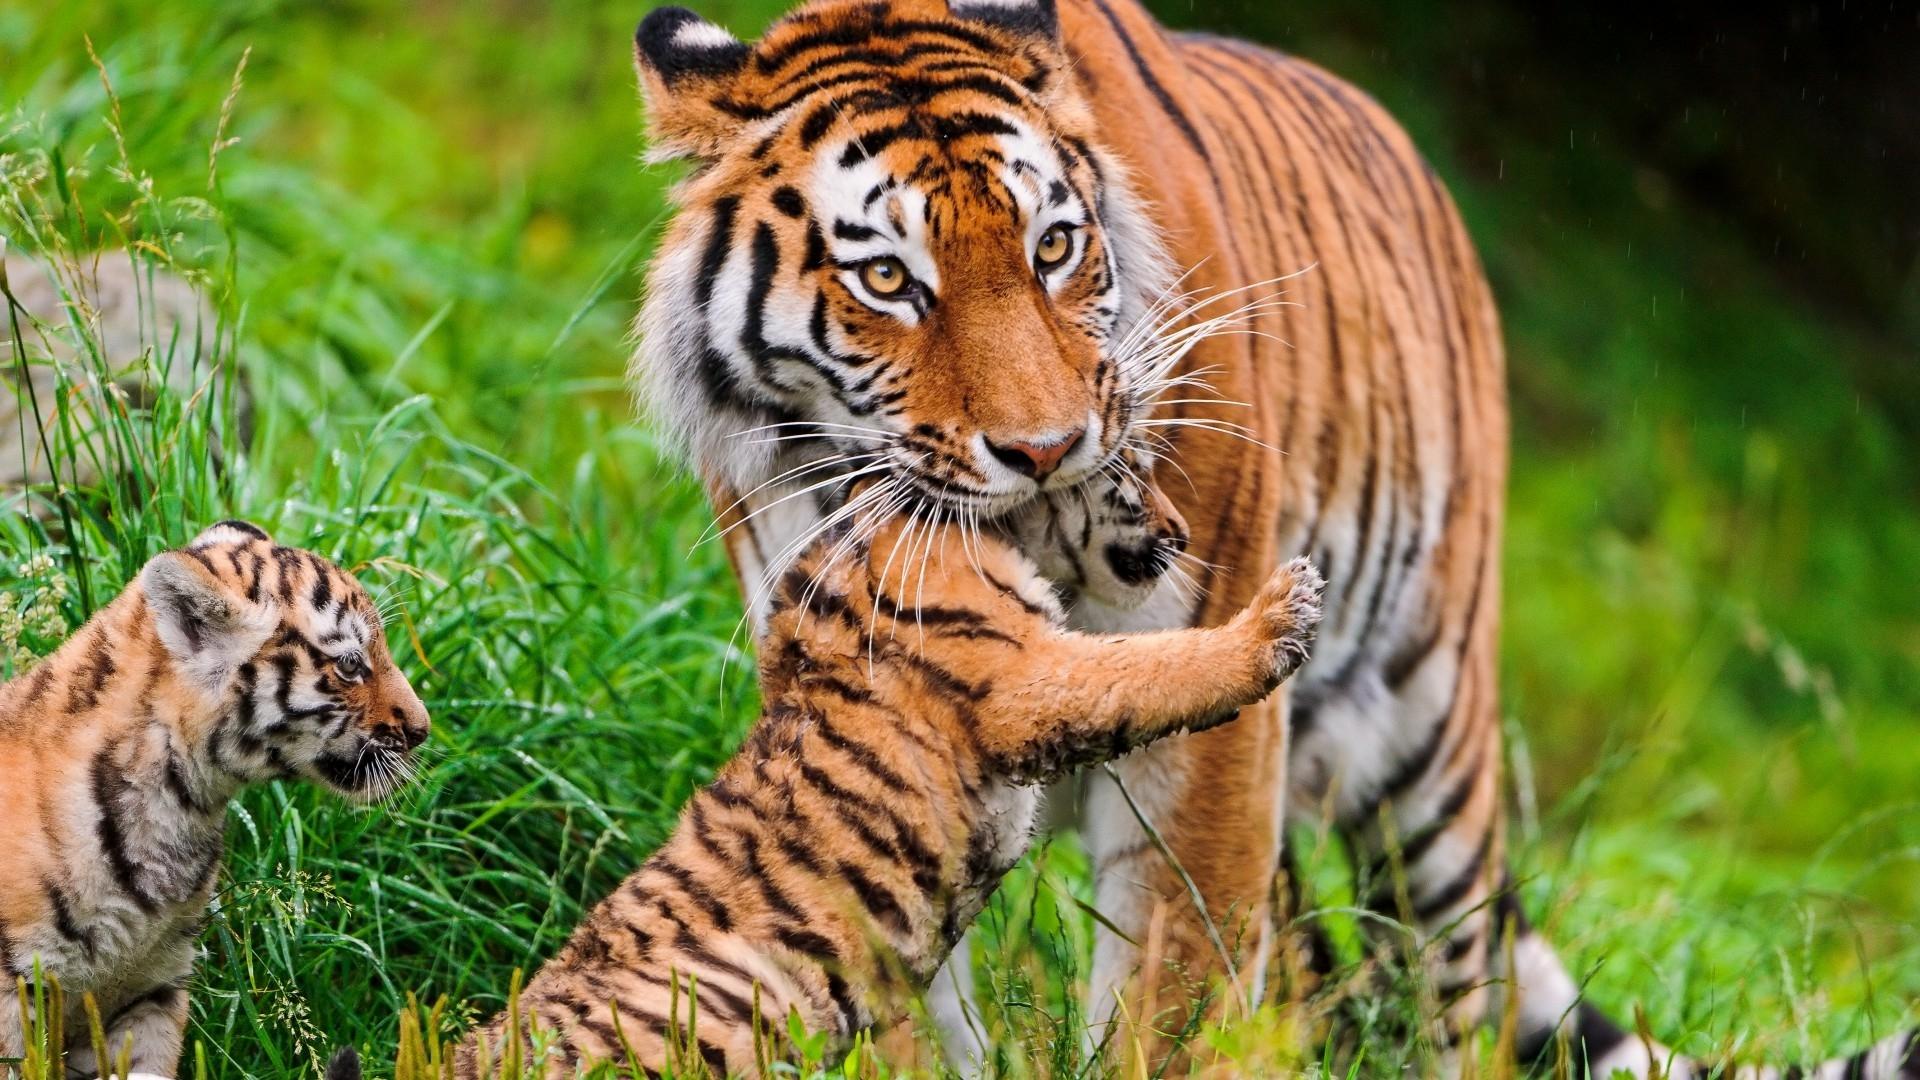 wallpaper : grass, tiger, wildlife, big cats, jungle, cubs, fauna